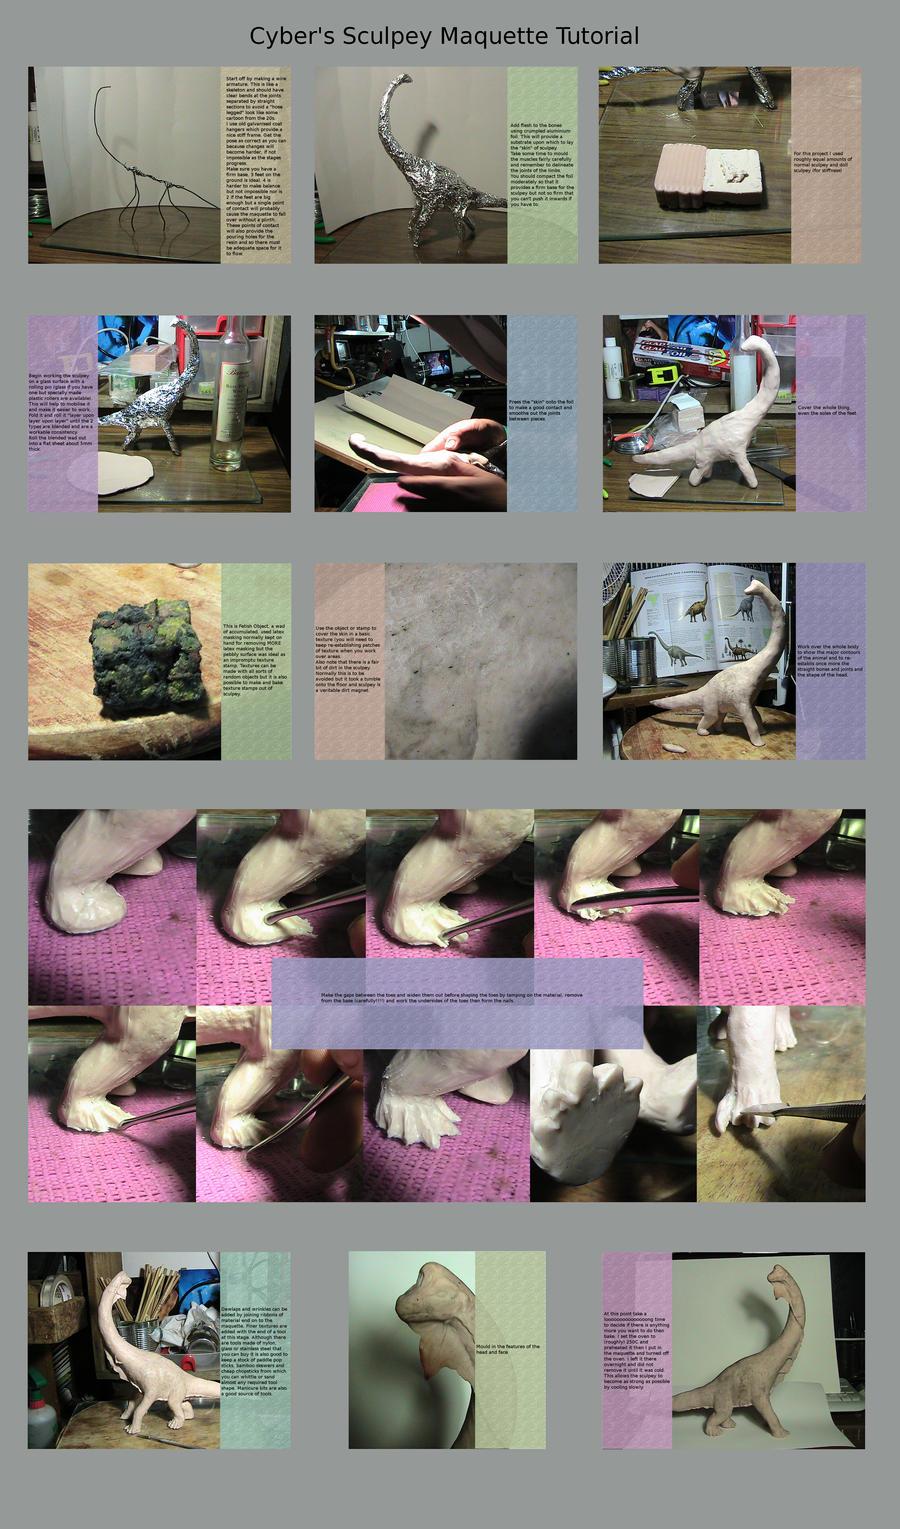 Cyber's Sculpey Maquette tute by cybernetichero